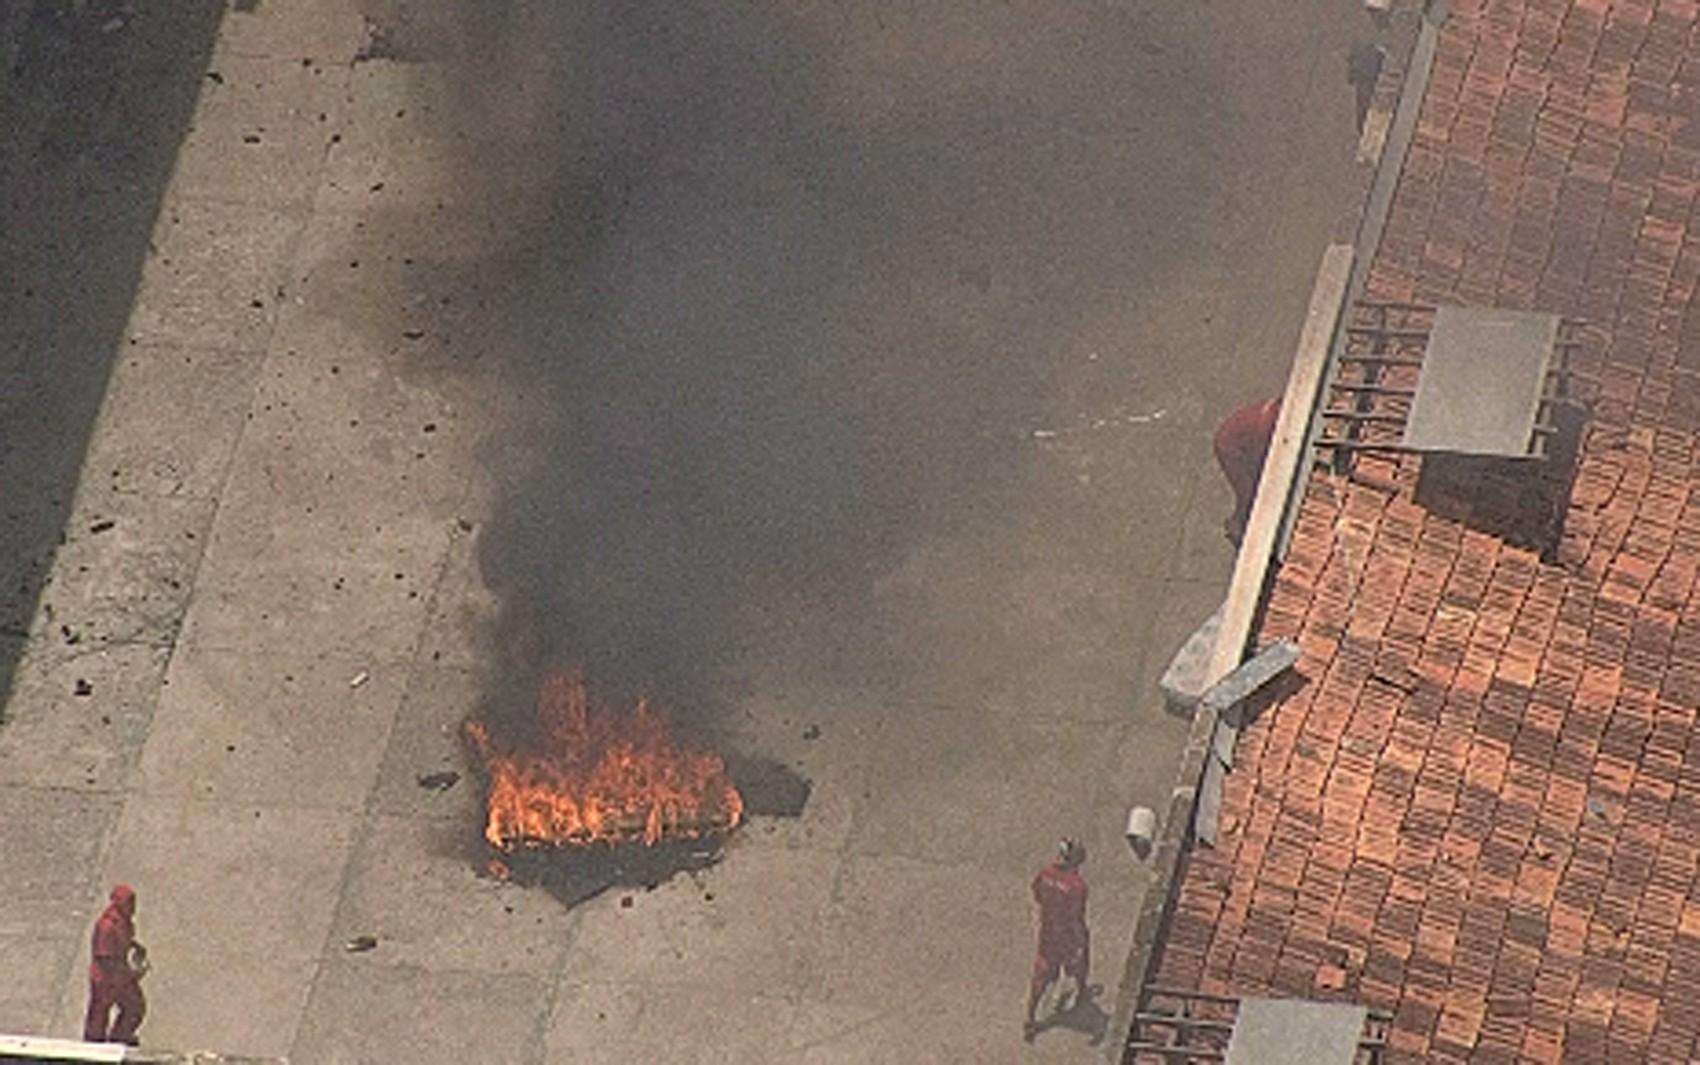 Presos queimaram colchões no pátio do pavilhão da Penitenciária Nelson Hungria (Foto: Reprodução/Globocop/TV Globo Minas)